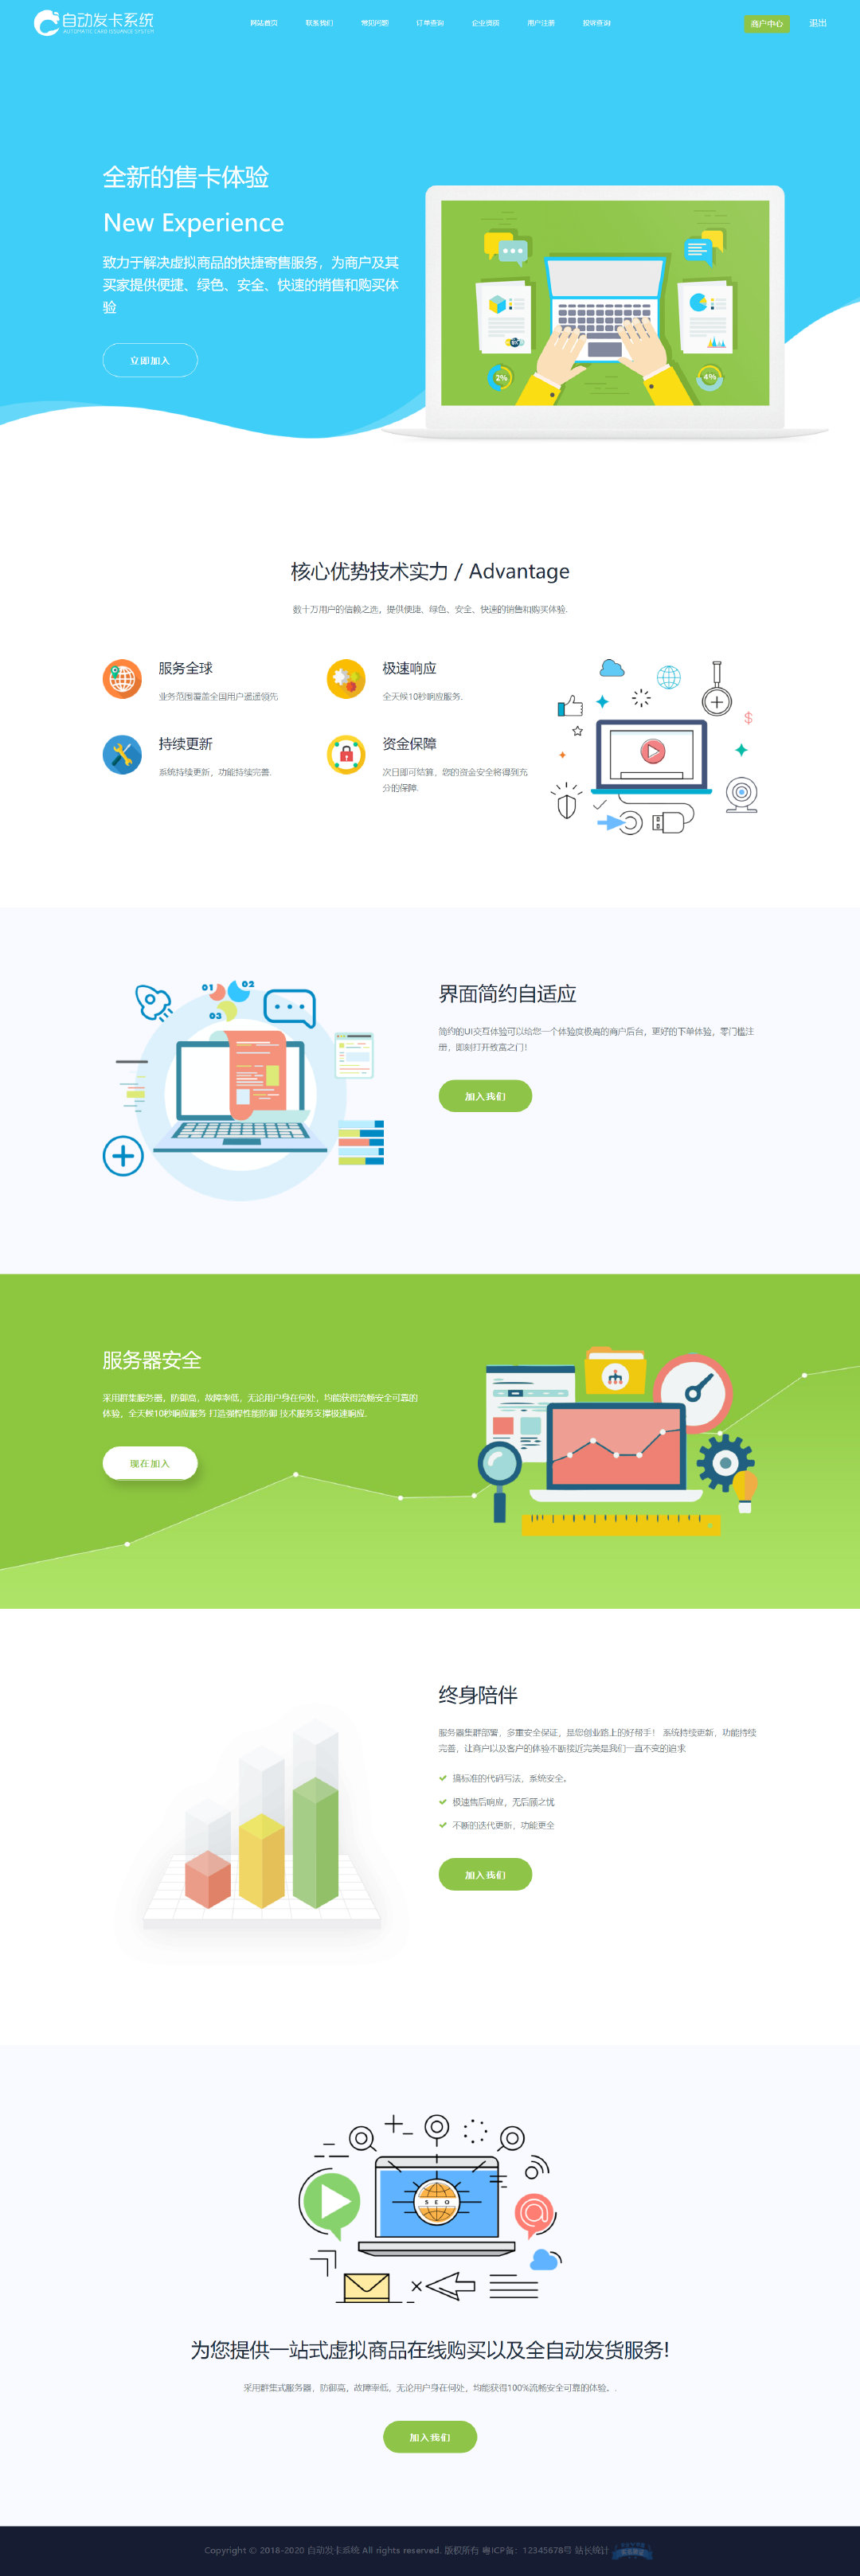 知宇企业自动发卡系统易支付接口版